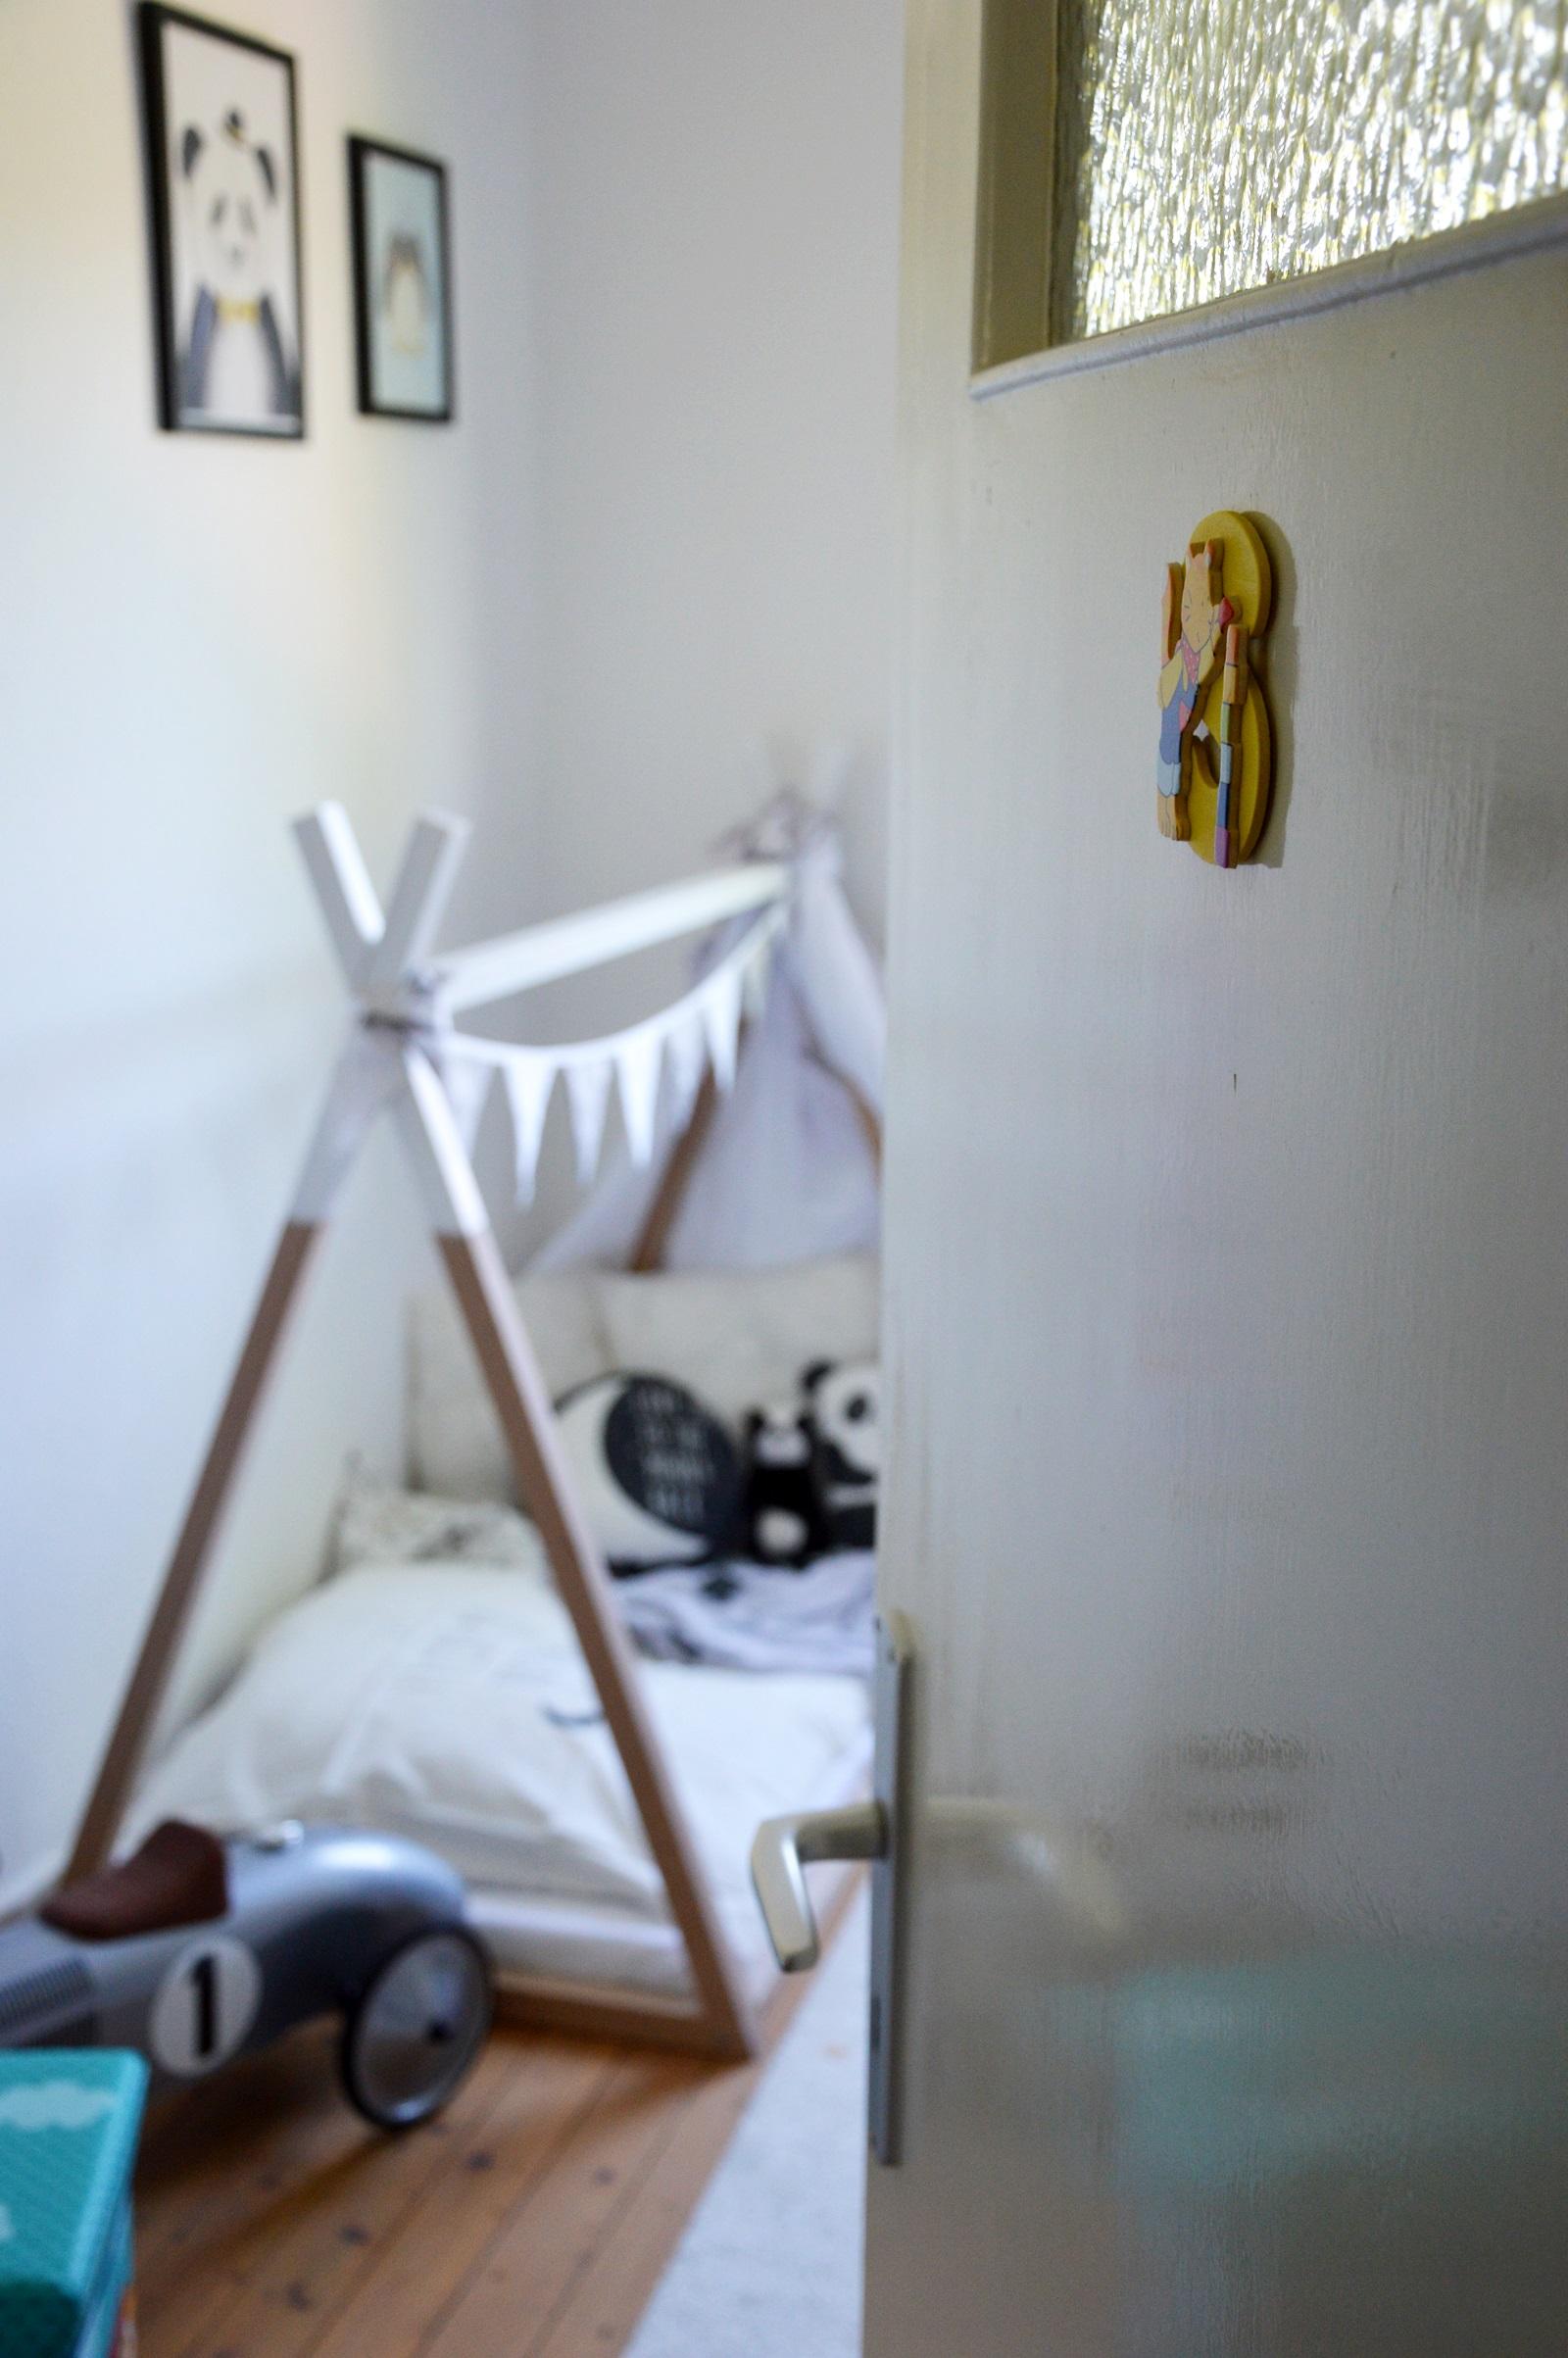 Kinderzimmer einrichten Tipps Tricks Aufbewahrung Kuschelecke Interior